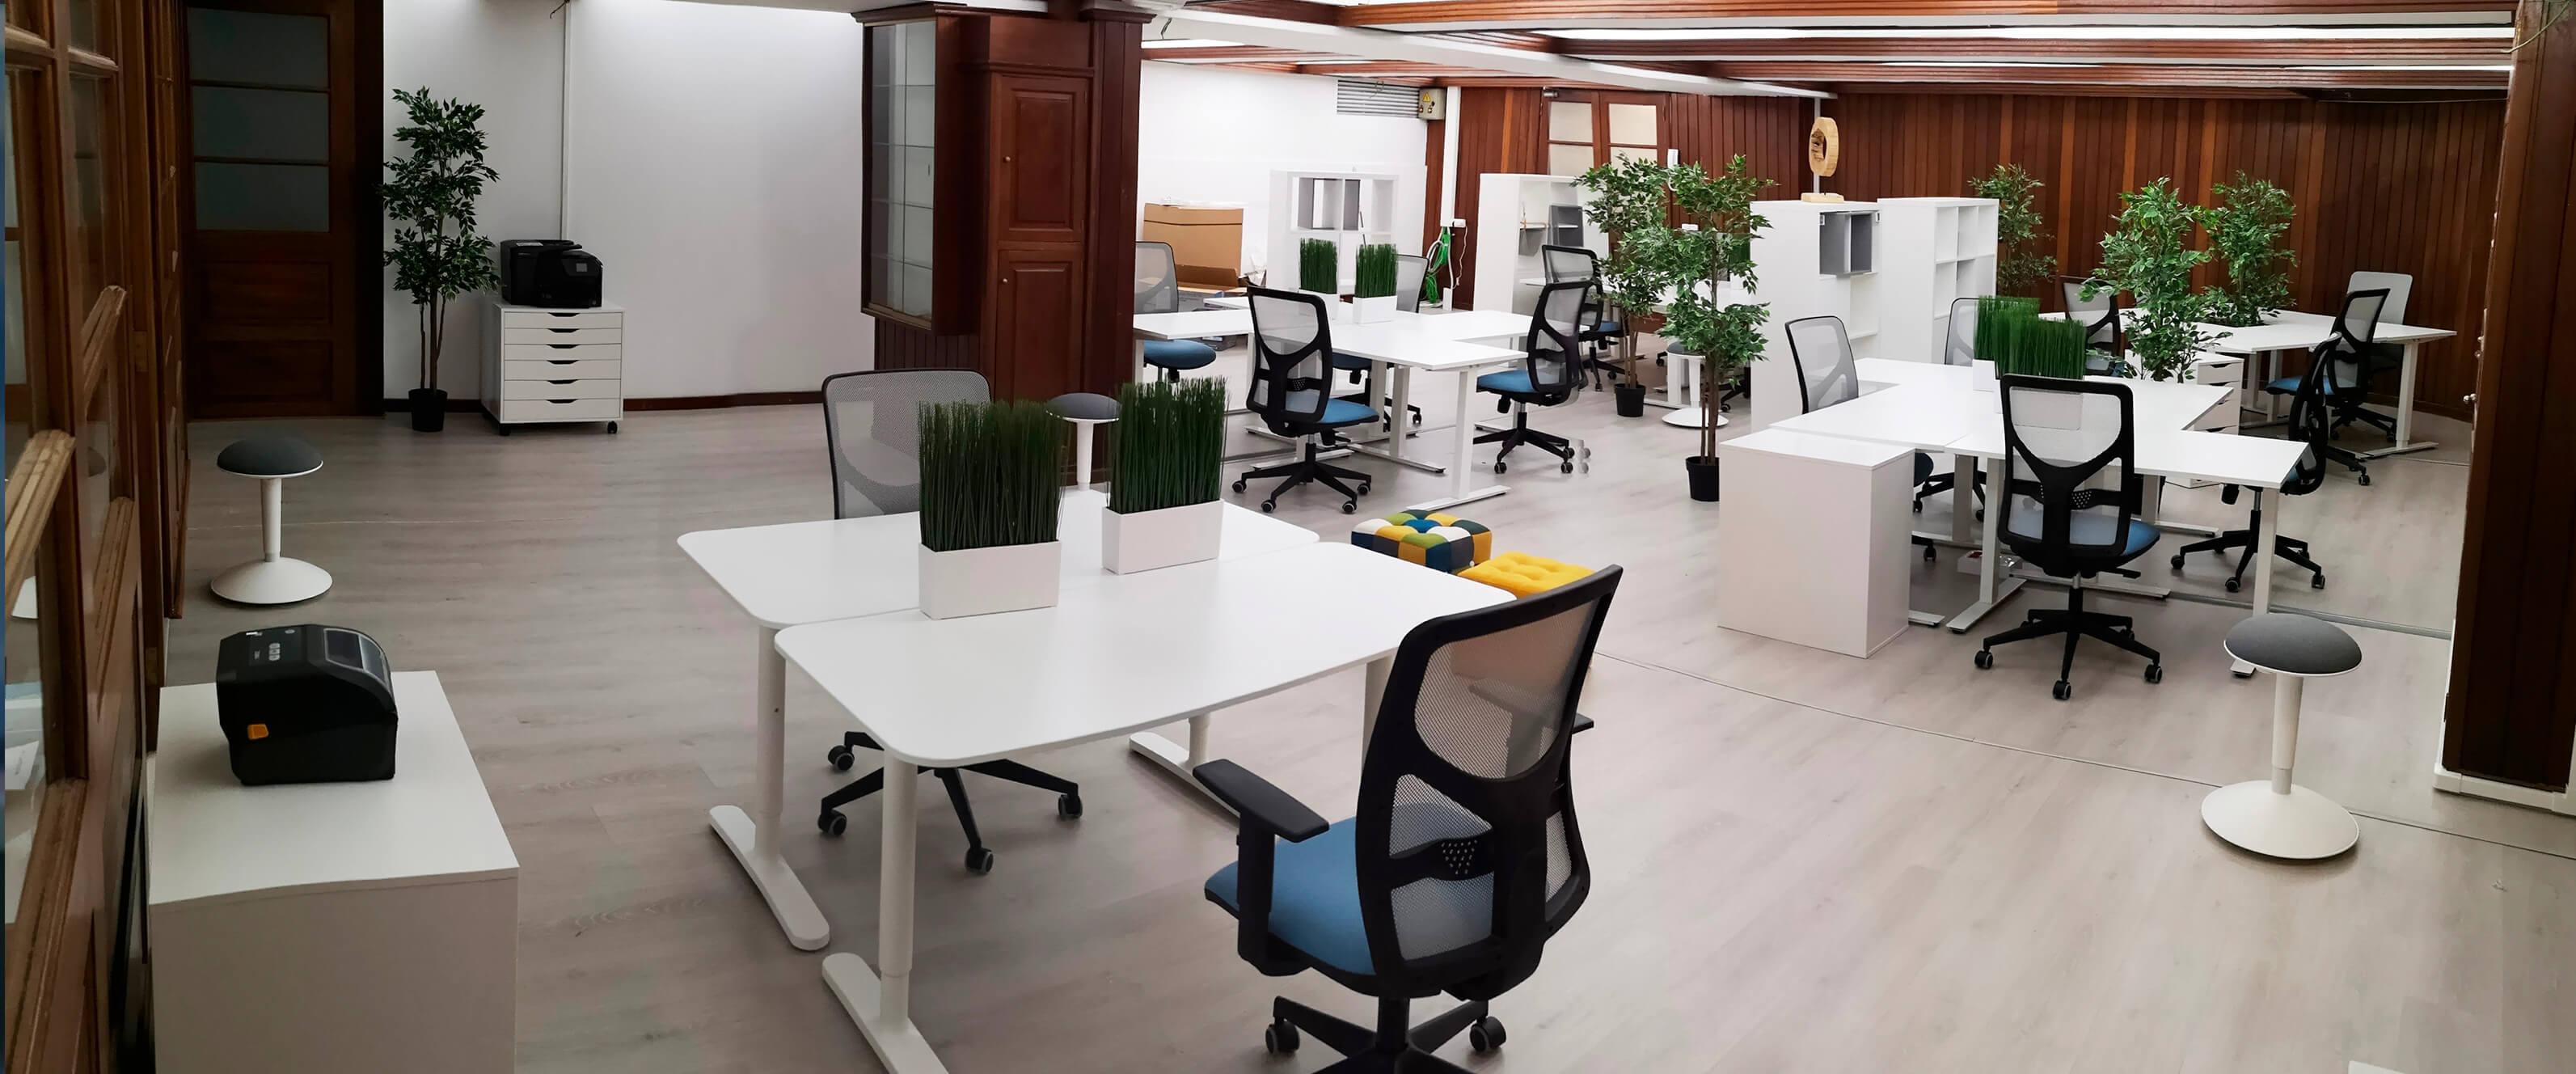 Oficinas Coworking en Santa Cruz de Tenerife